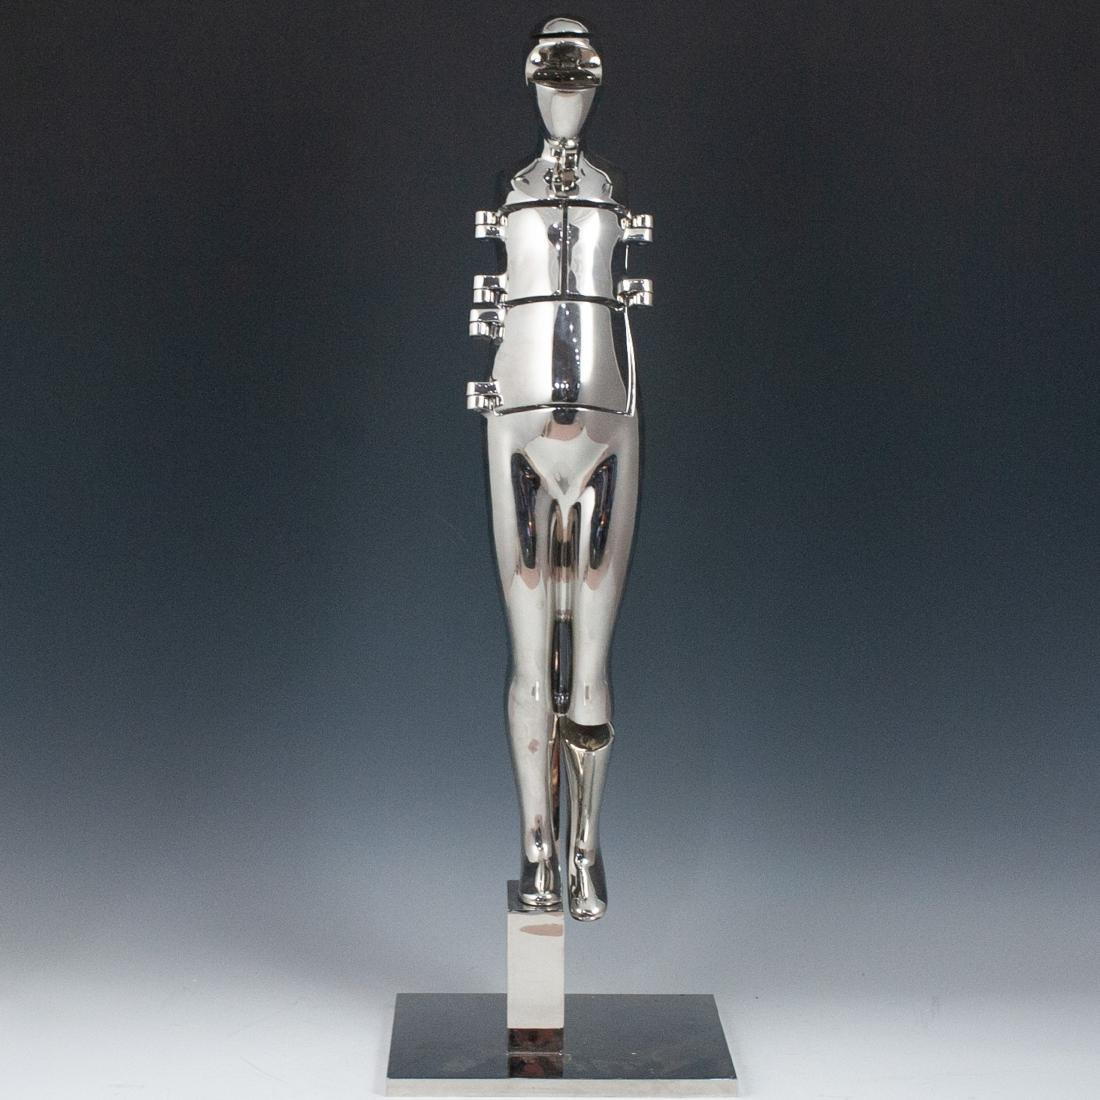 Ernest Trova (American.1927-2009) Sculpture